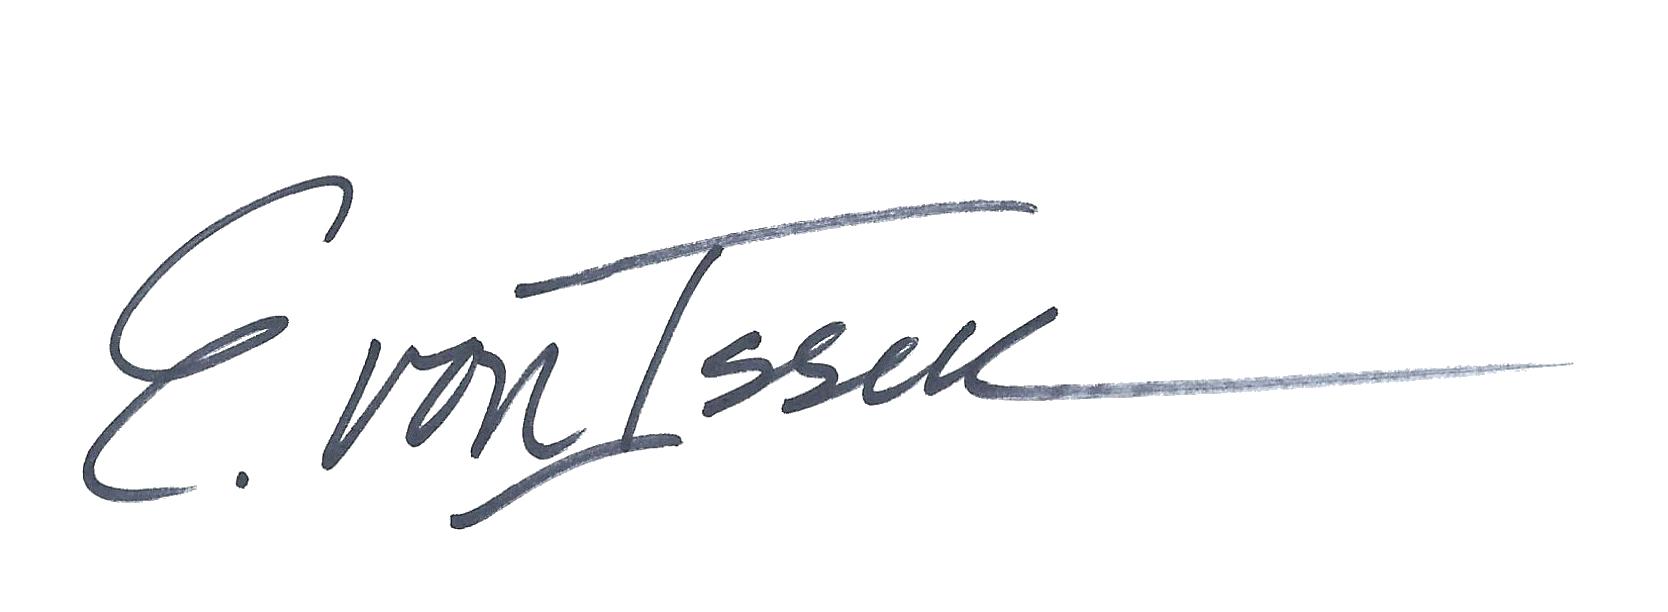 Elizabeth von Isser Signature